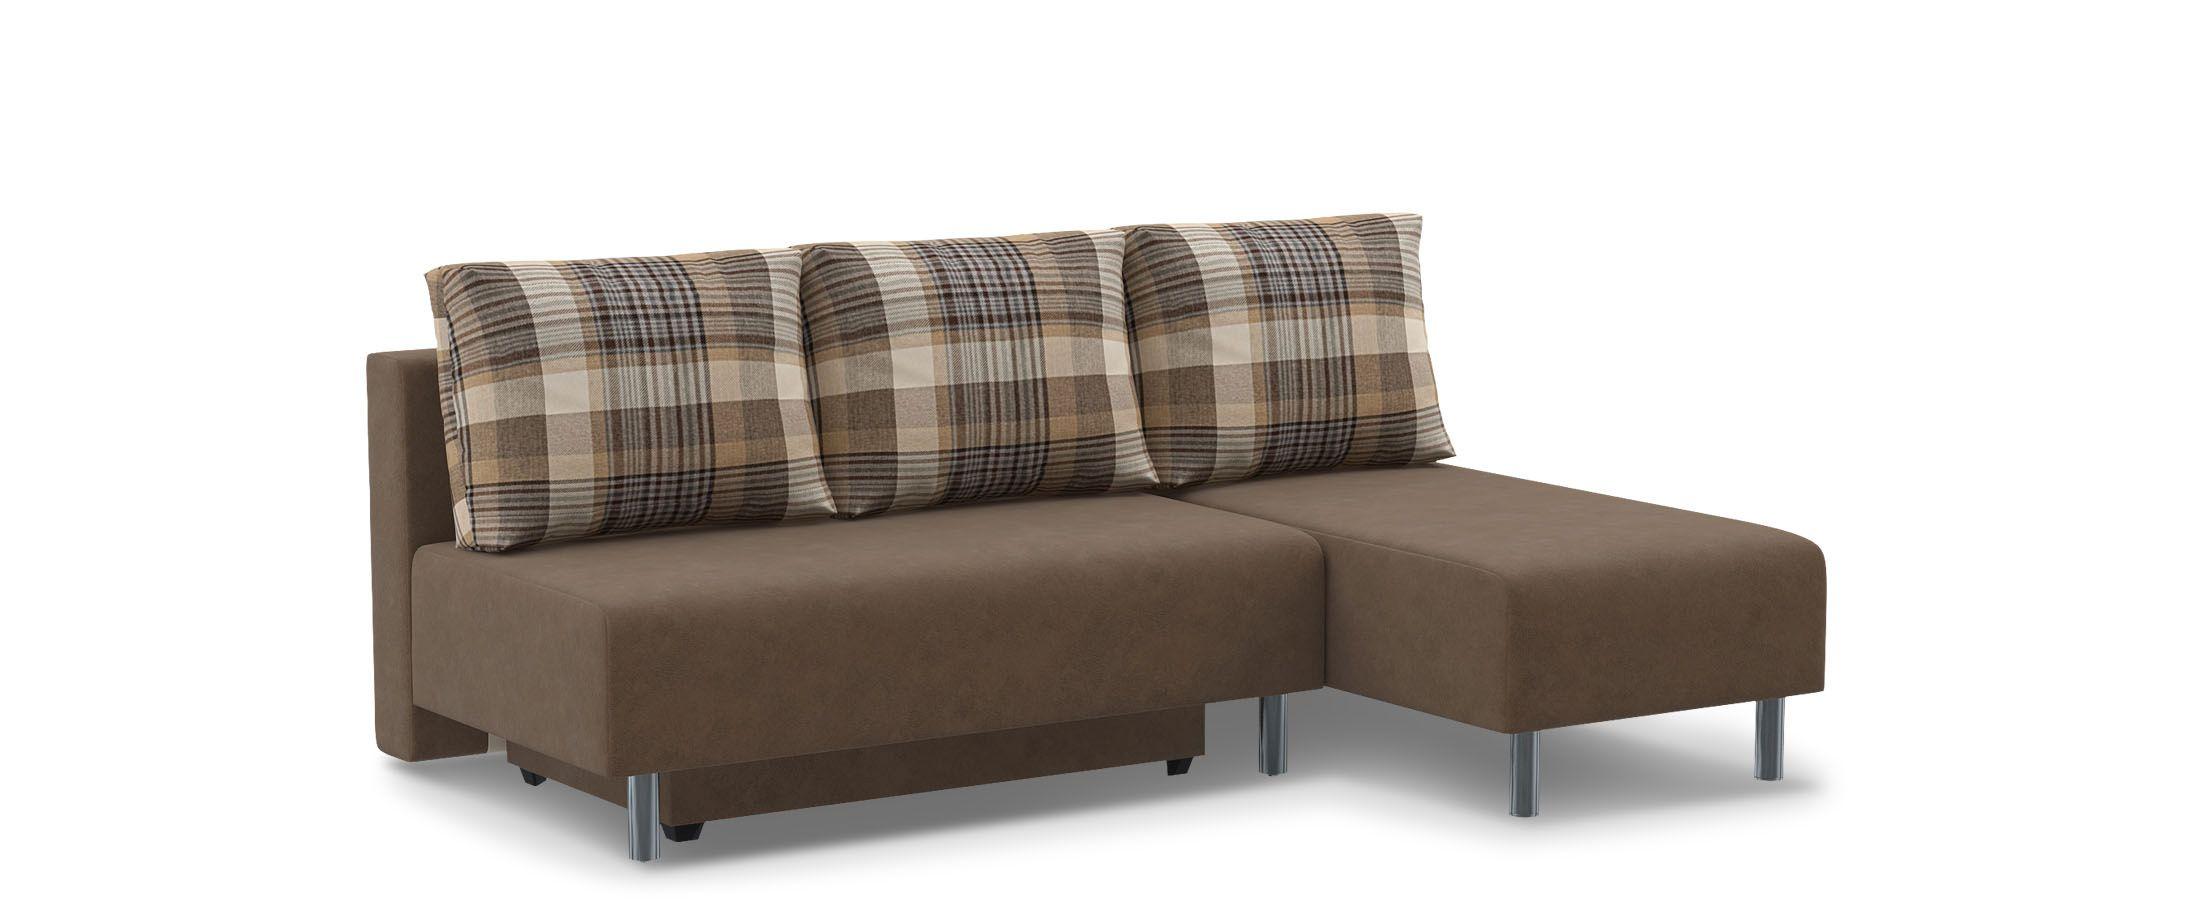 Диван угловой еврокнижка Парма 049Гостевой вариант и полноценное спальное место. Размеры 206х136х87 см. Купить коричневый диван еврокнижка в интернет-магазине MOON-TRADE.RU.<br>